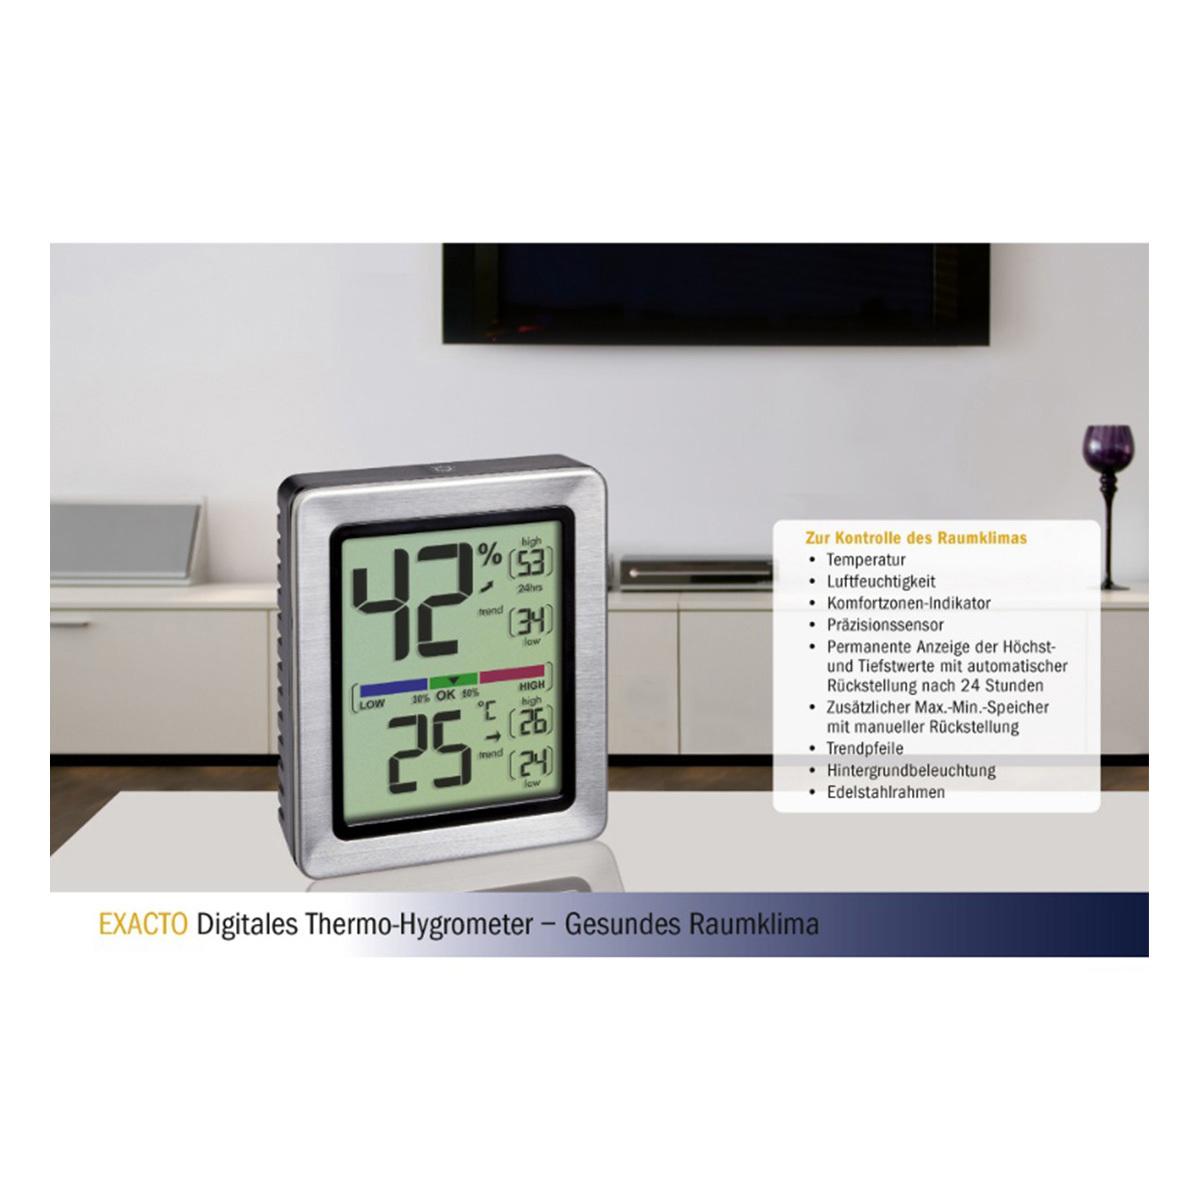 30-5047-54-digitales-thermo-hygrometer-exacto-vorteile-1200x1200px.jpg